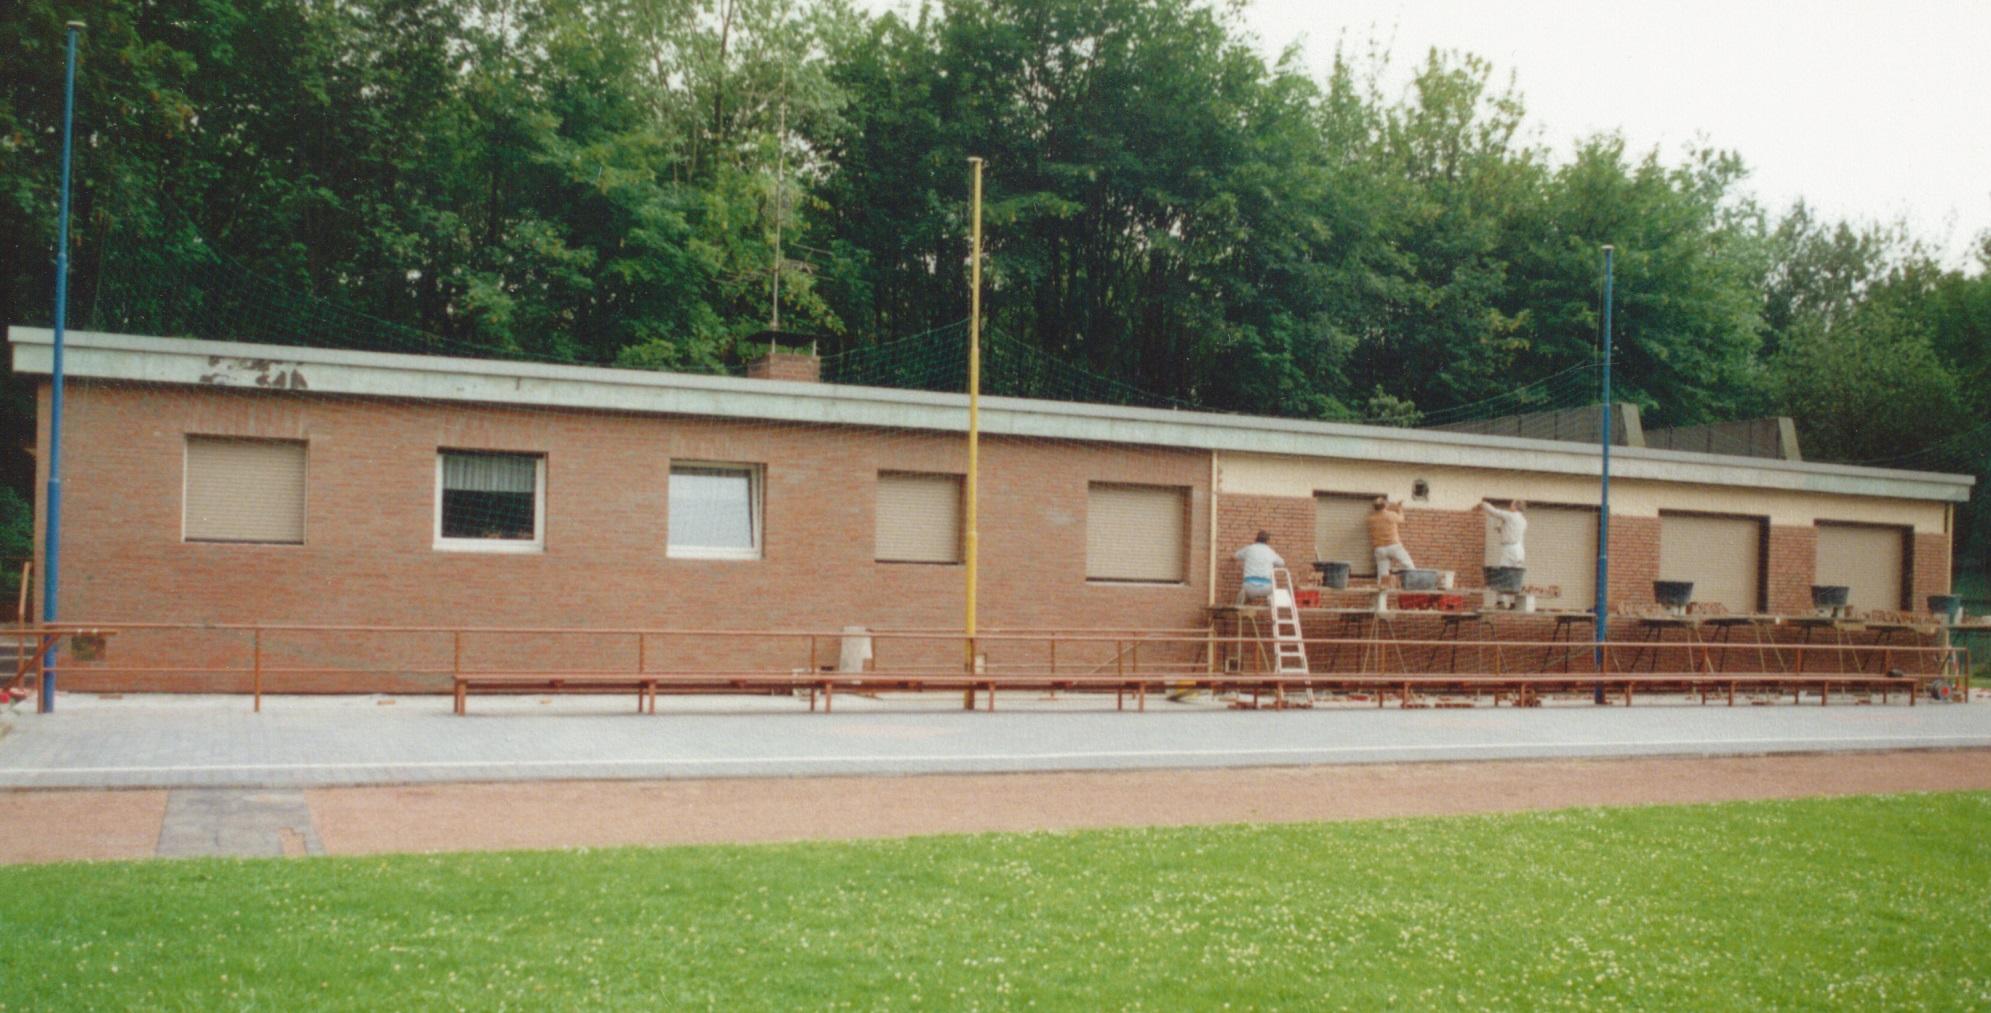 geschichte-klubhaus-verklinkerung-1990